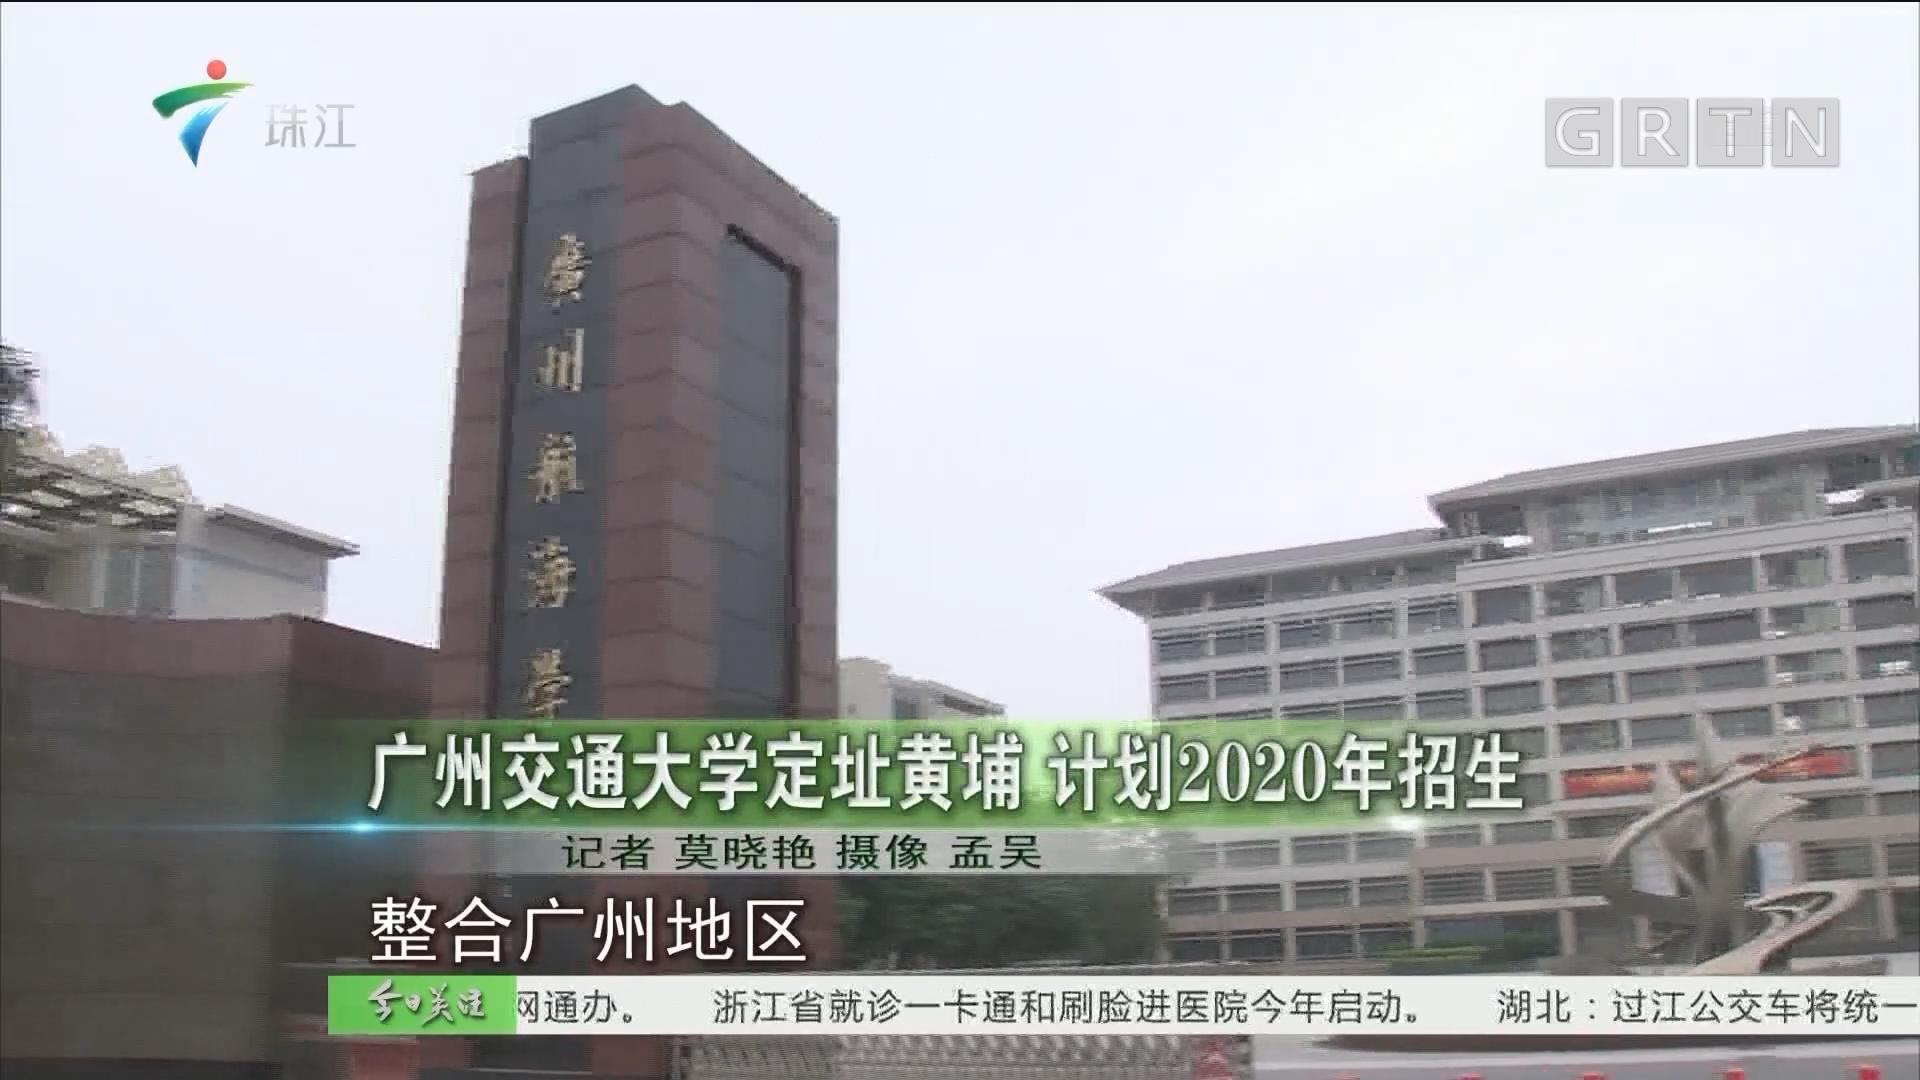 广州交通大学定址黄埔 计划2020年招生